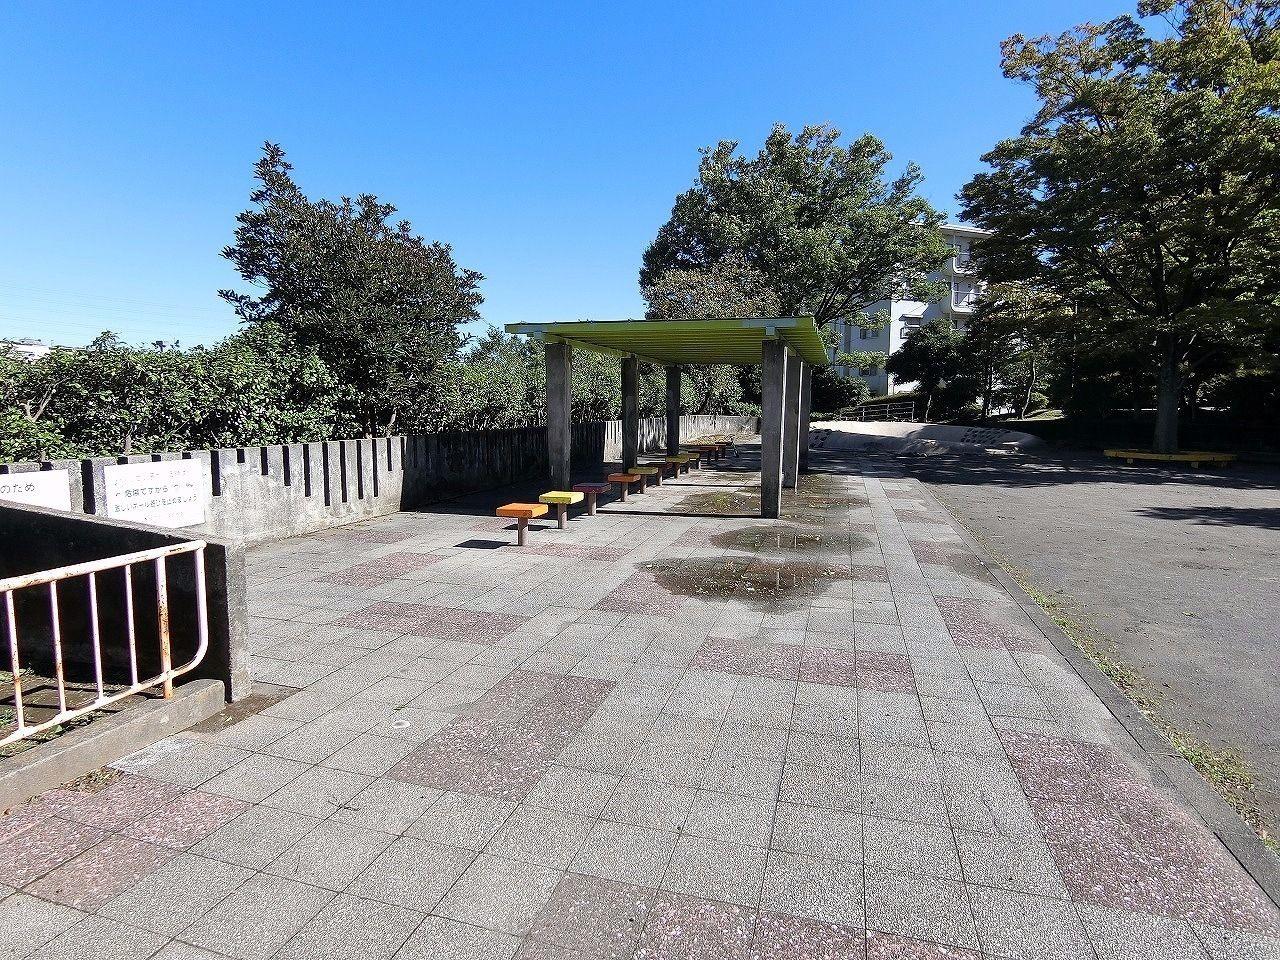 ドーナッツ公園・たまプラーザ団地(敷地内)ベンチ